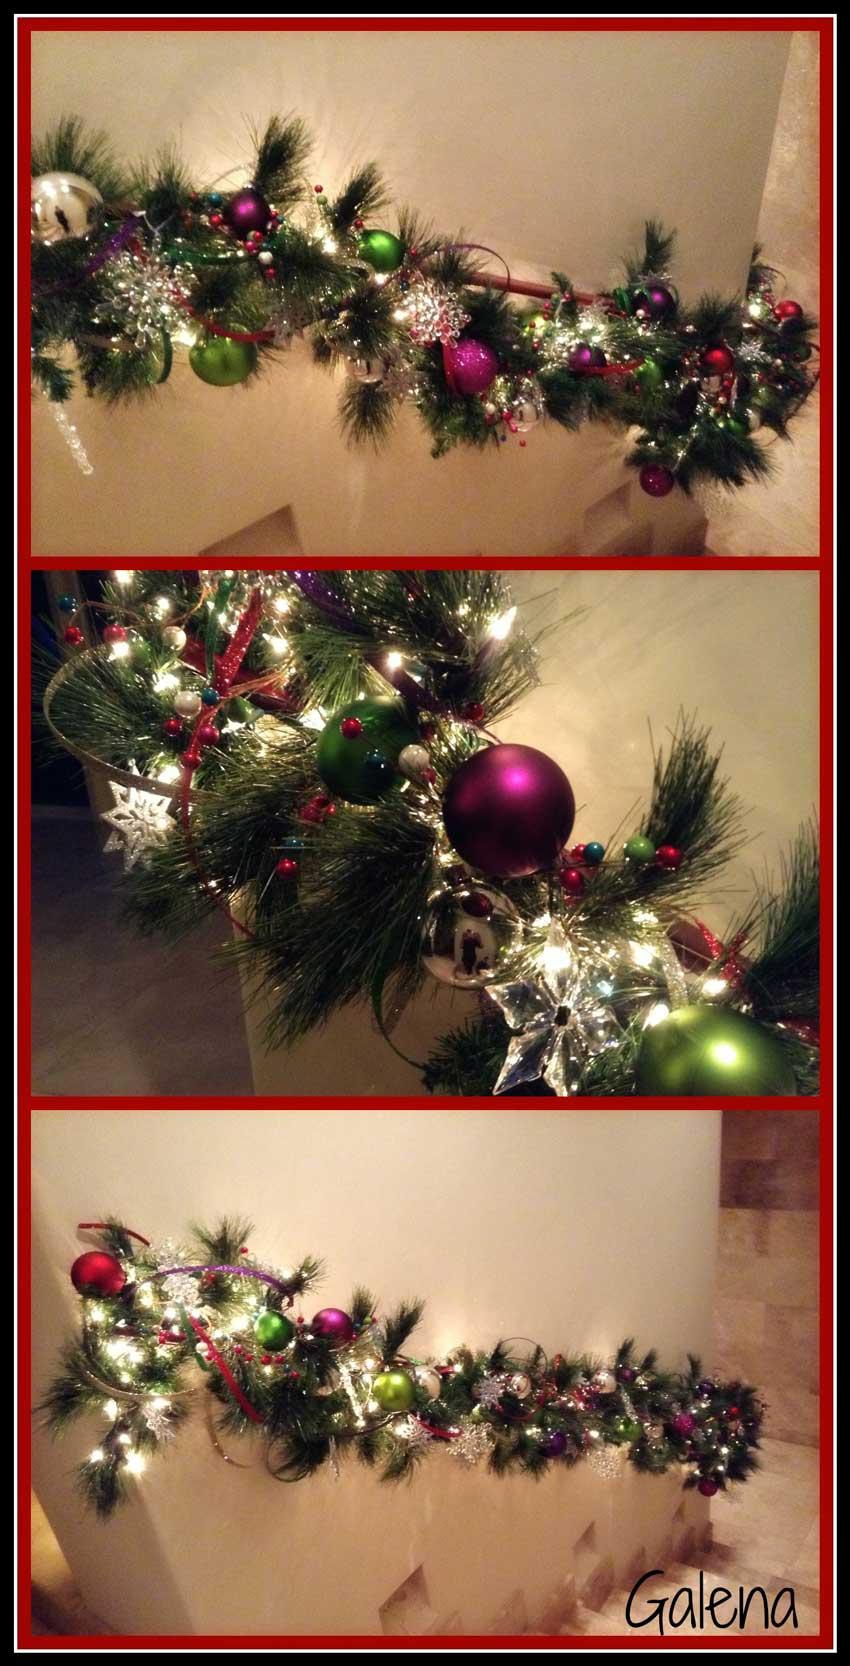 Navidad-Christmas-Decoracion-navideña-guirnalda-navideña-escaleras-collage-1